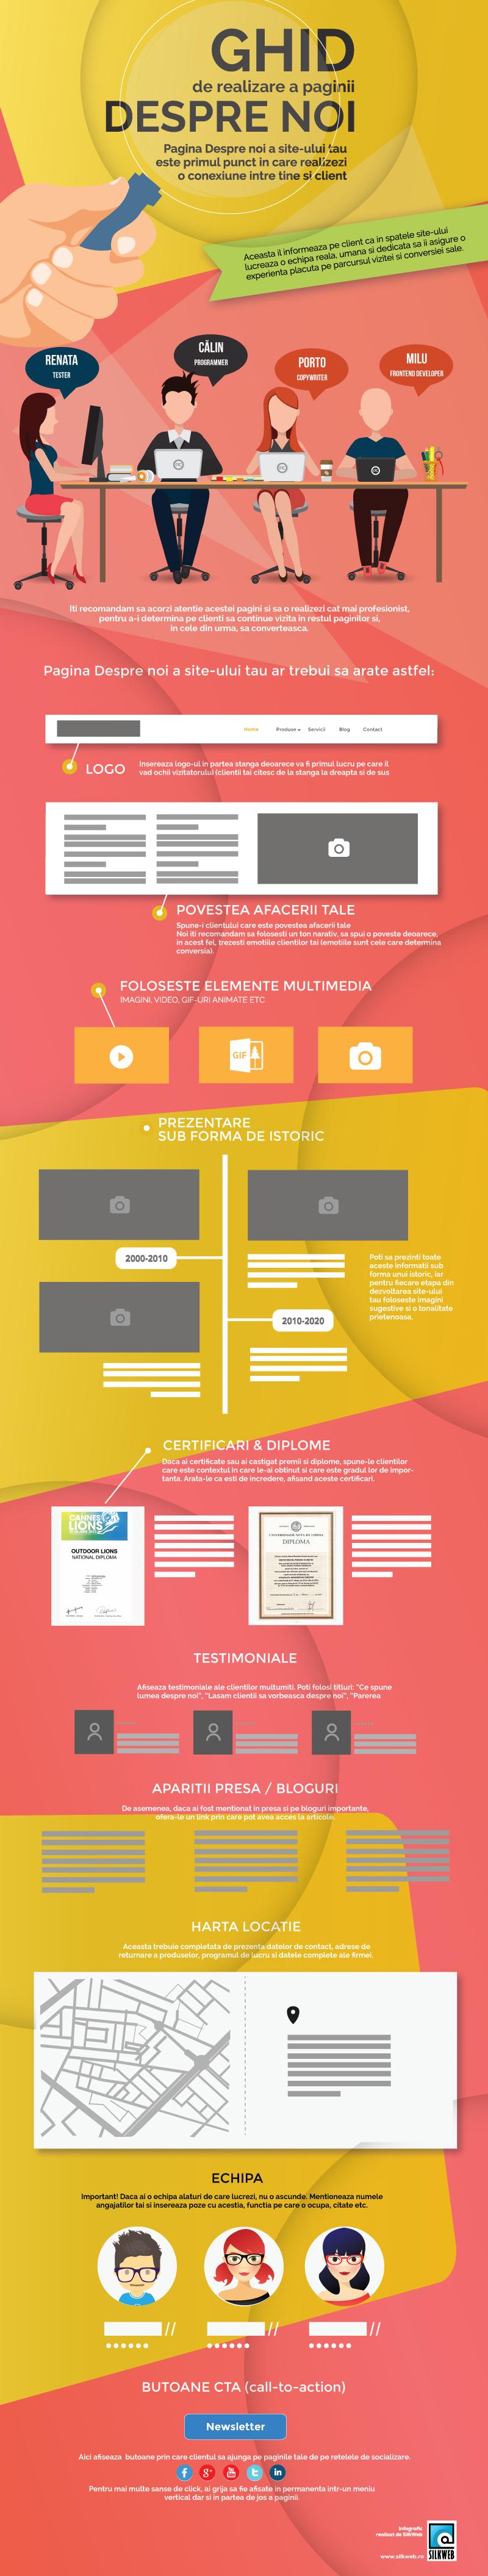 pagina despre noi infografic